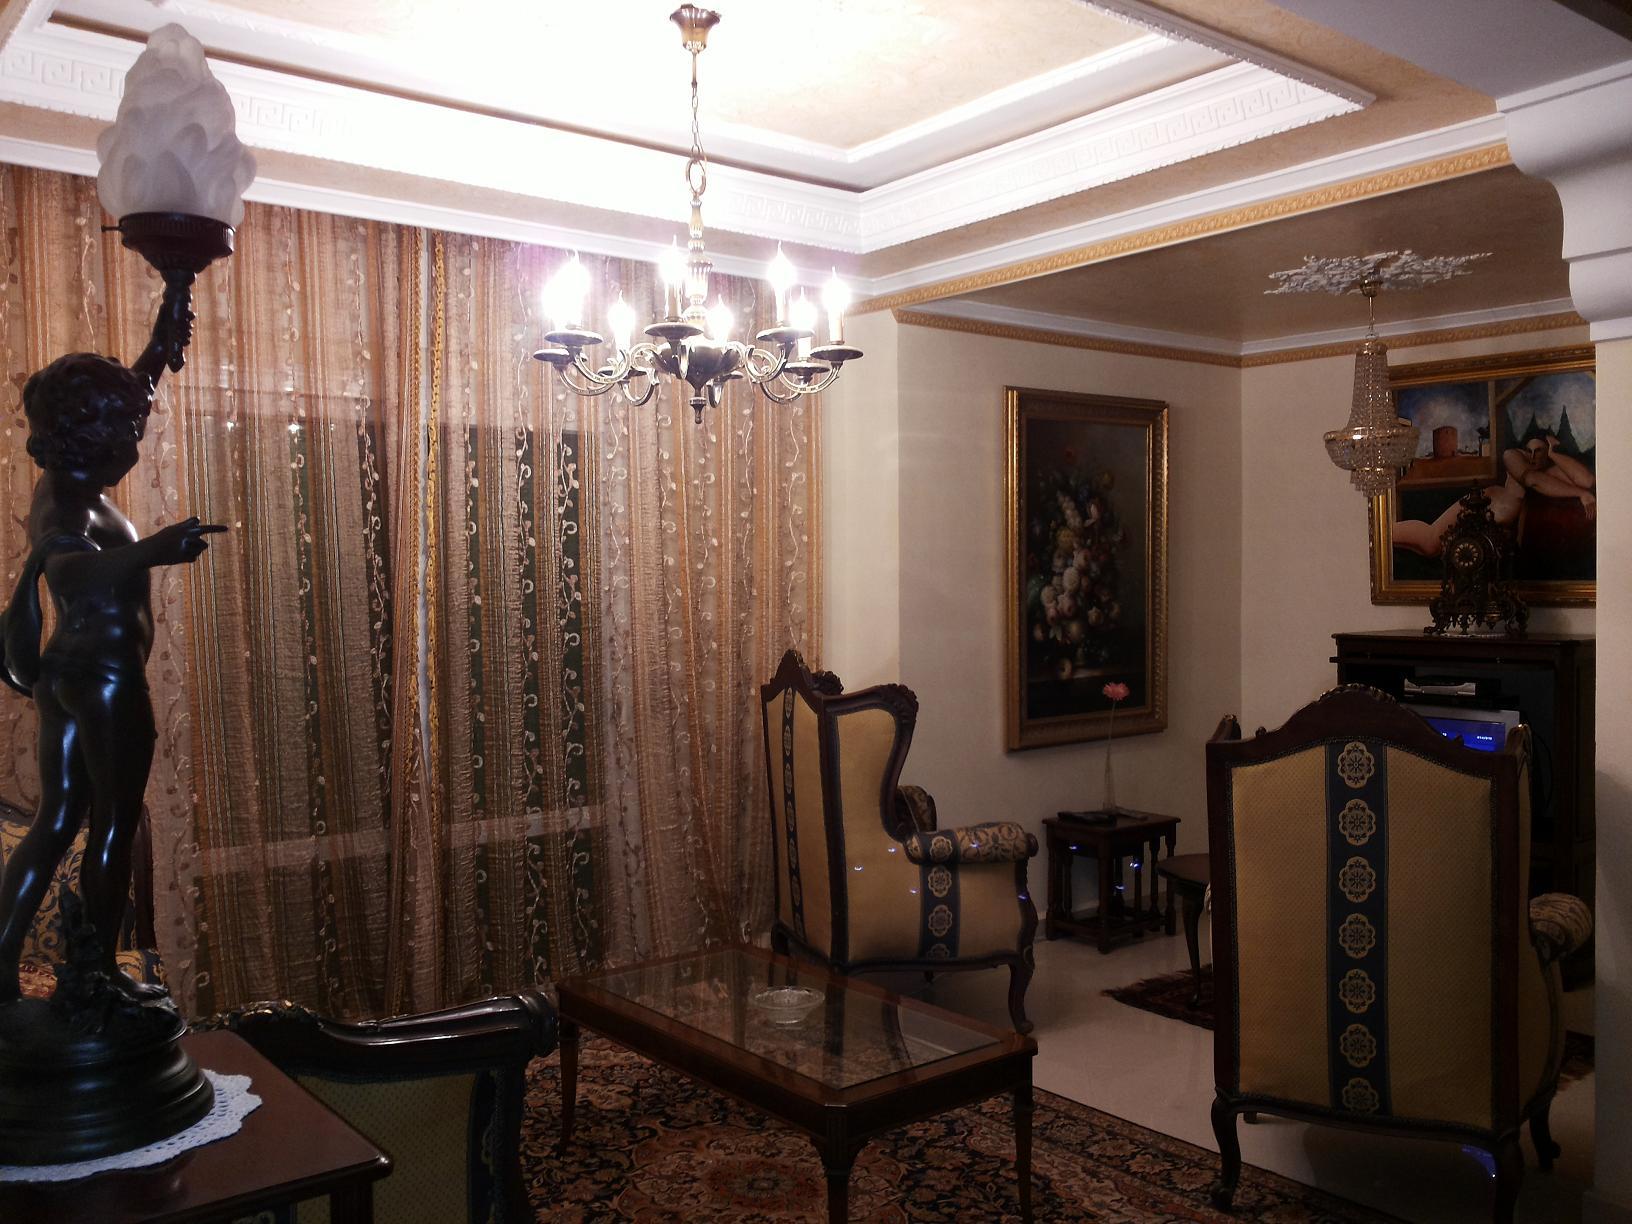 Verkoop 3 slaapkamers tanger tangeri marokko avenue louis van beethoven tanger marruecos - Slaapkamer marokko ...